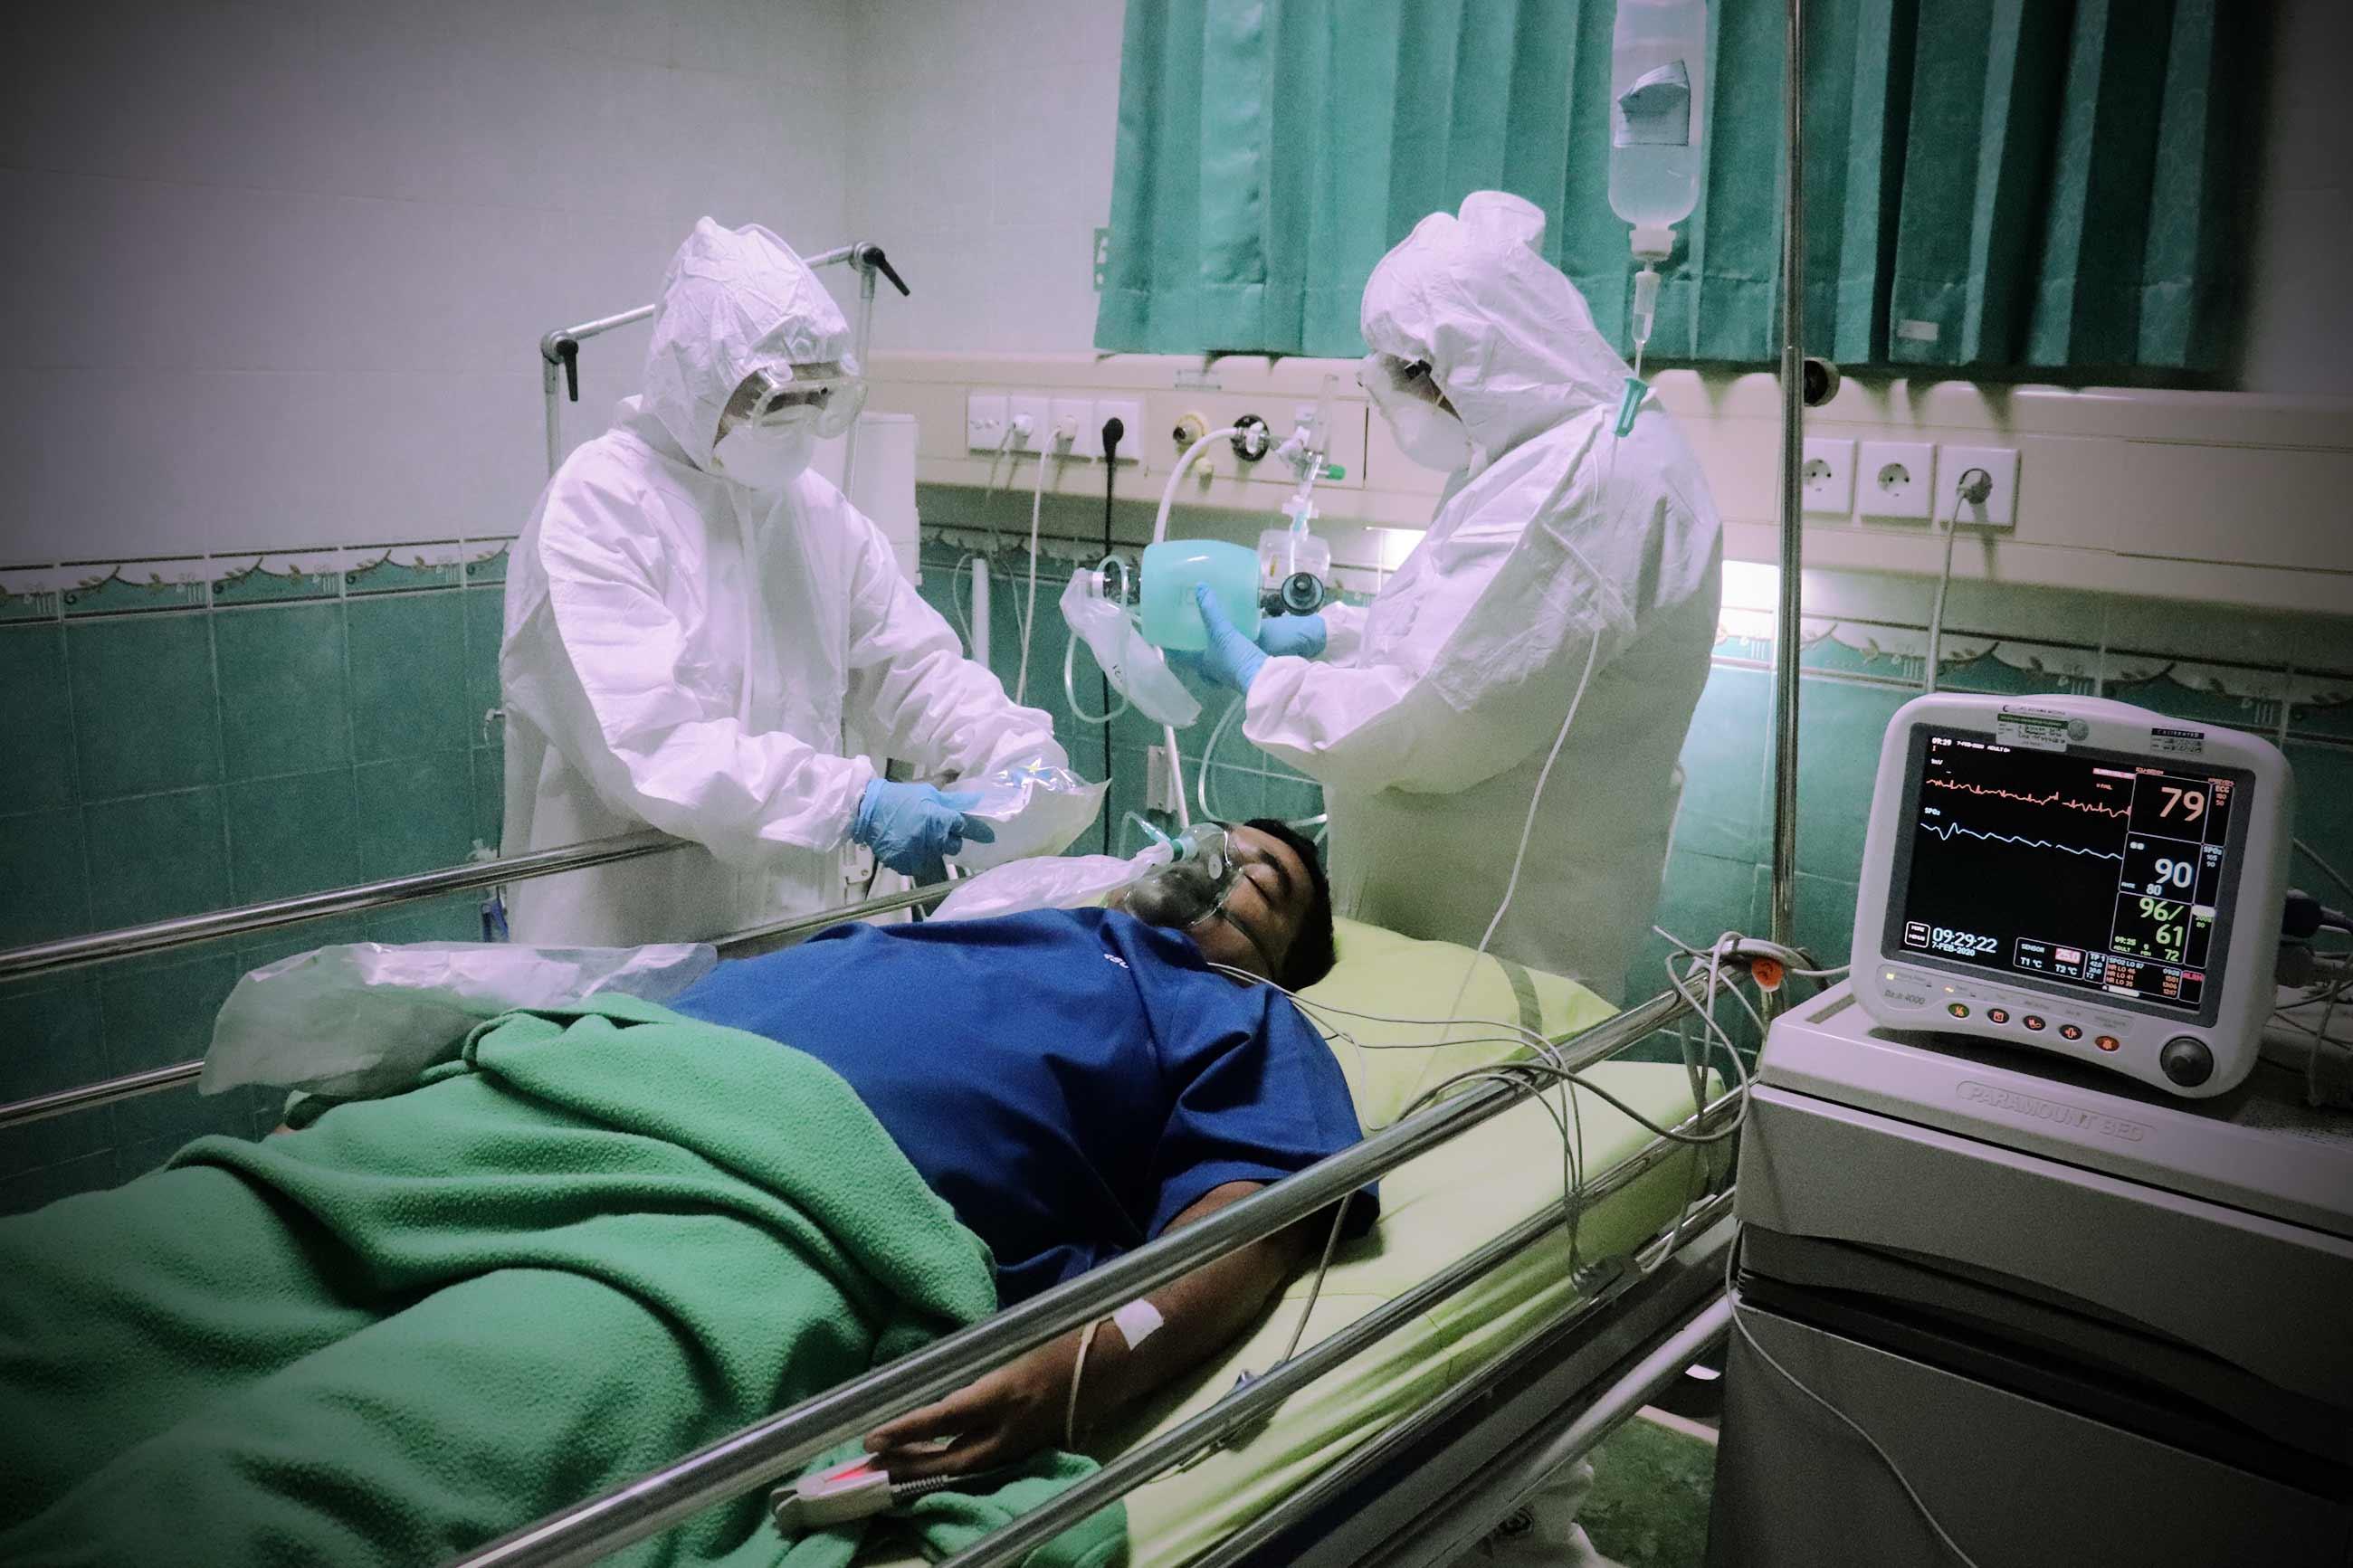 mufid majnun unsplash - <b>2021-й станет годом вакцинации против коронавируса. А вакцина безопасна?</b> С цифрами и фактами отвечаем на вопросы о прививках - Заборона